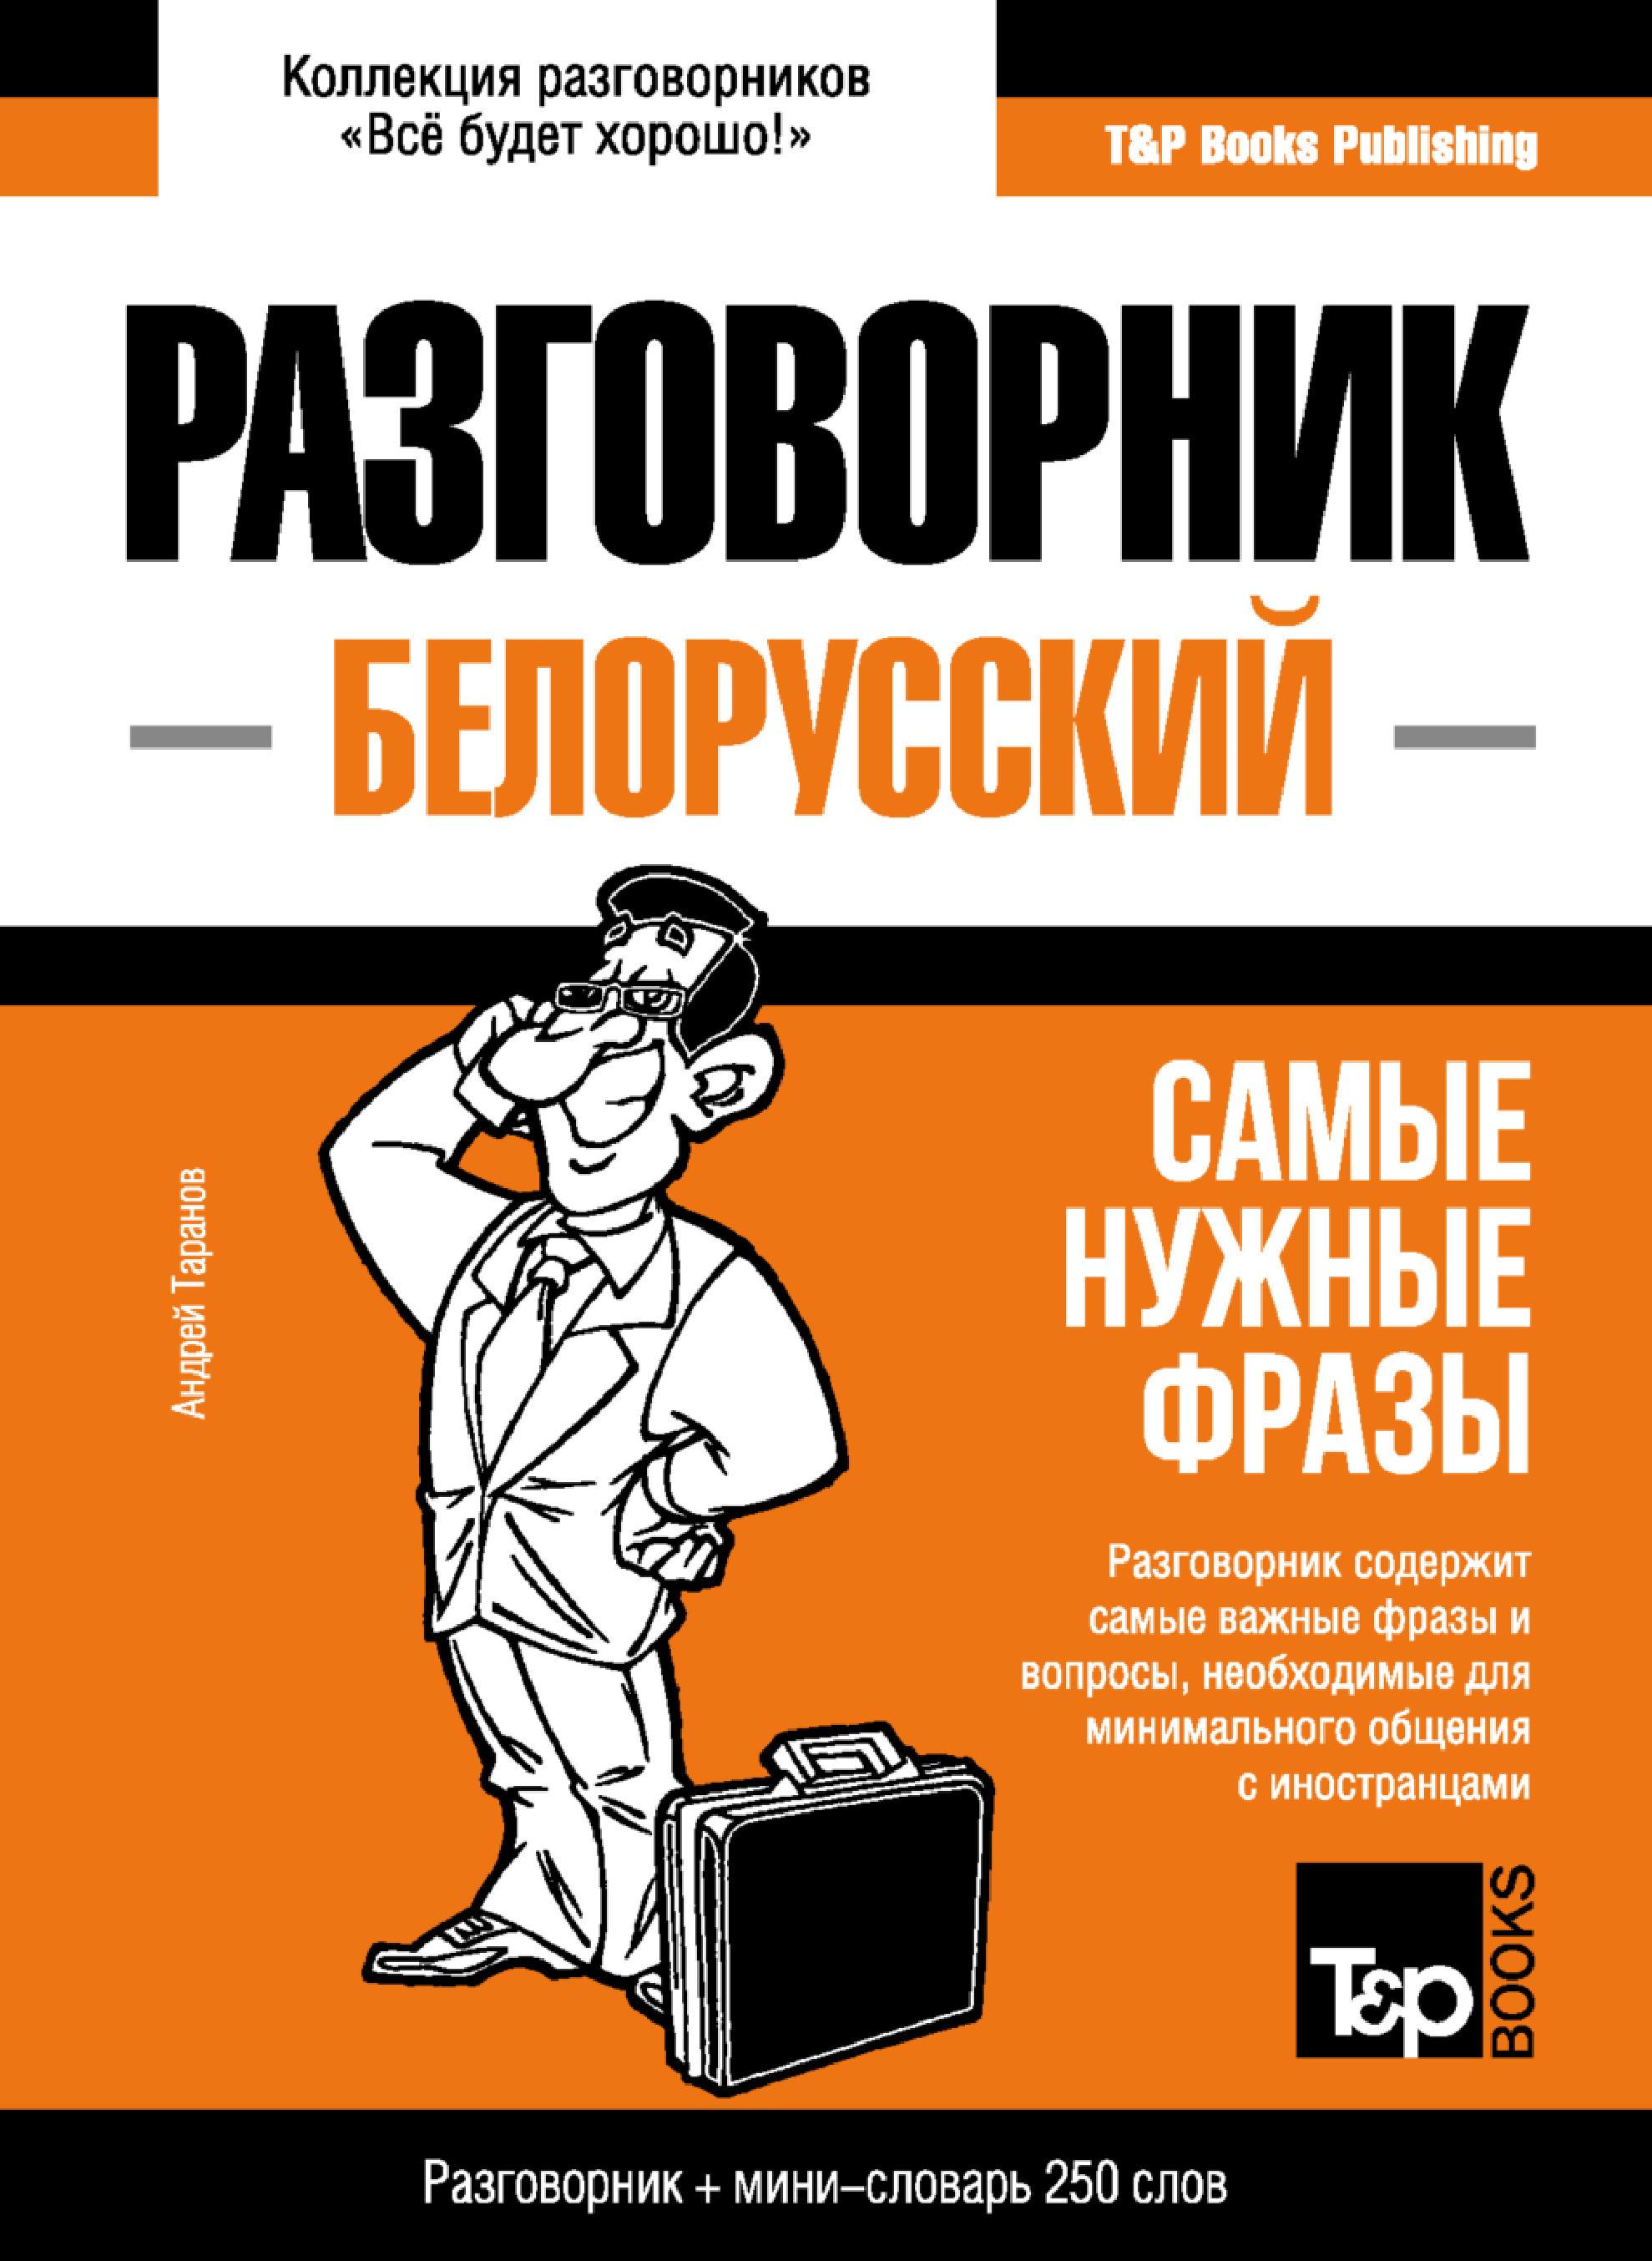 Белорусский разговорник и мини-словарь